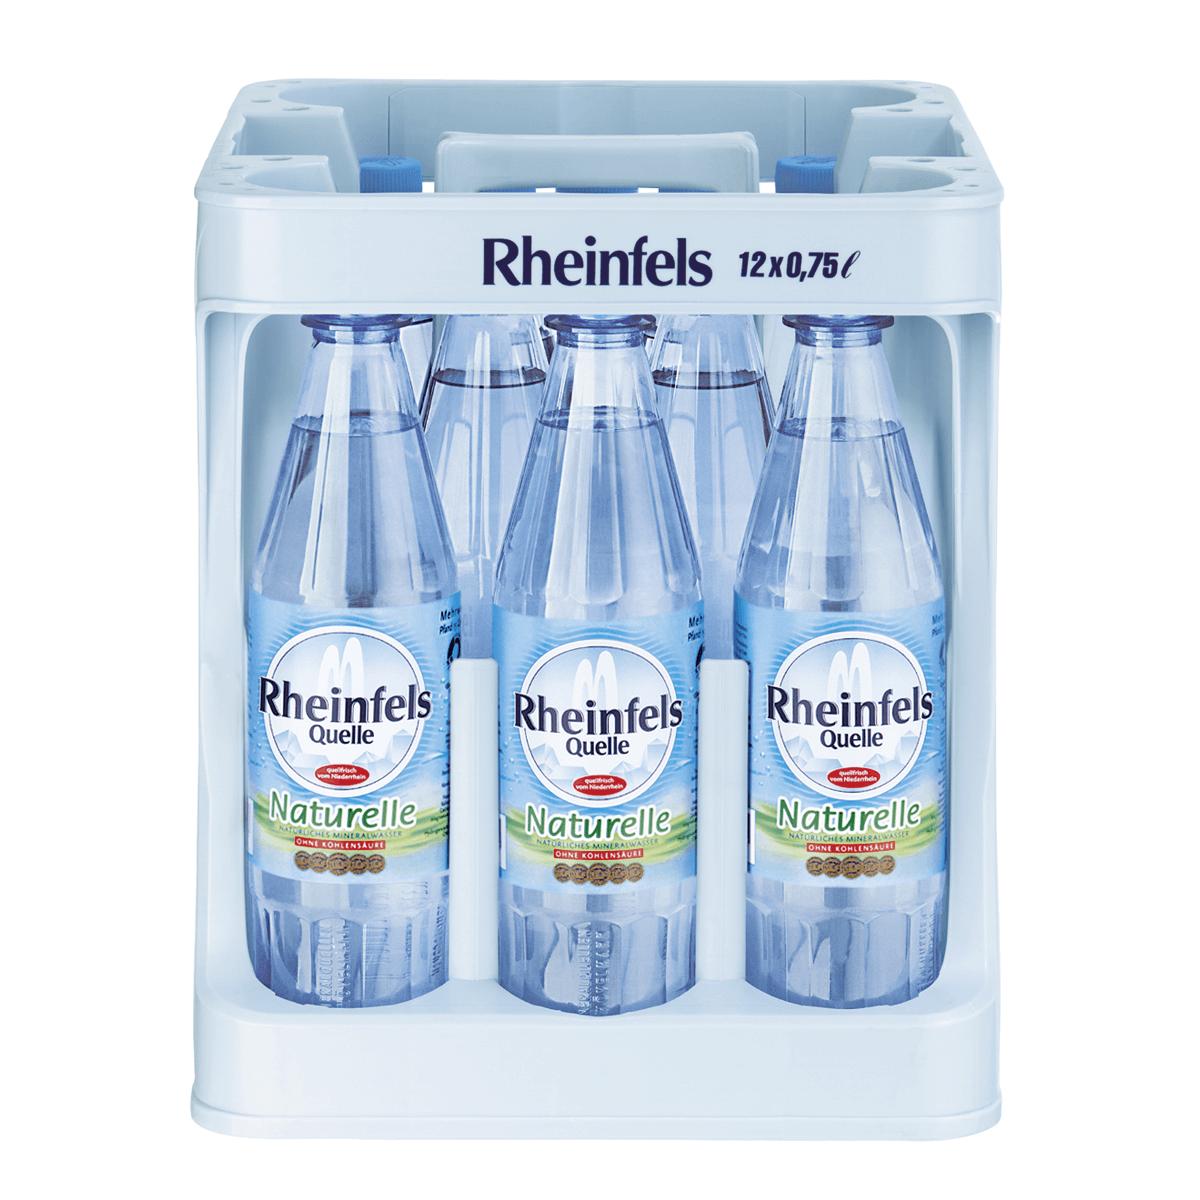 Rheinfels Quelle Naturelle 12 x 0,75L | Wasser | Alkoholfreie ...